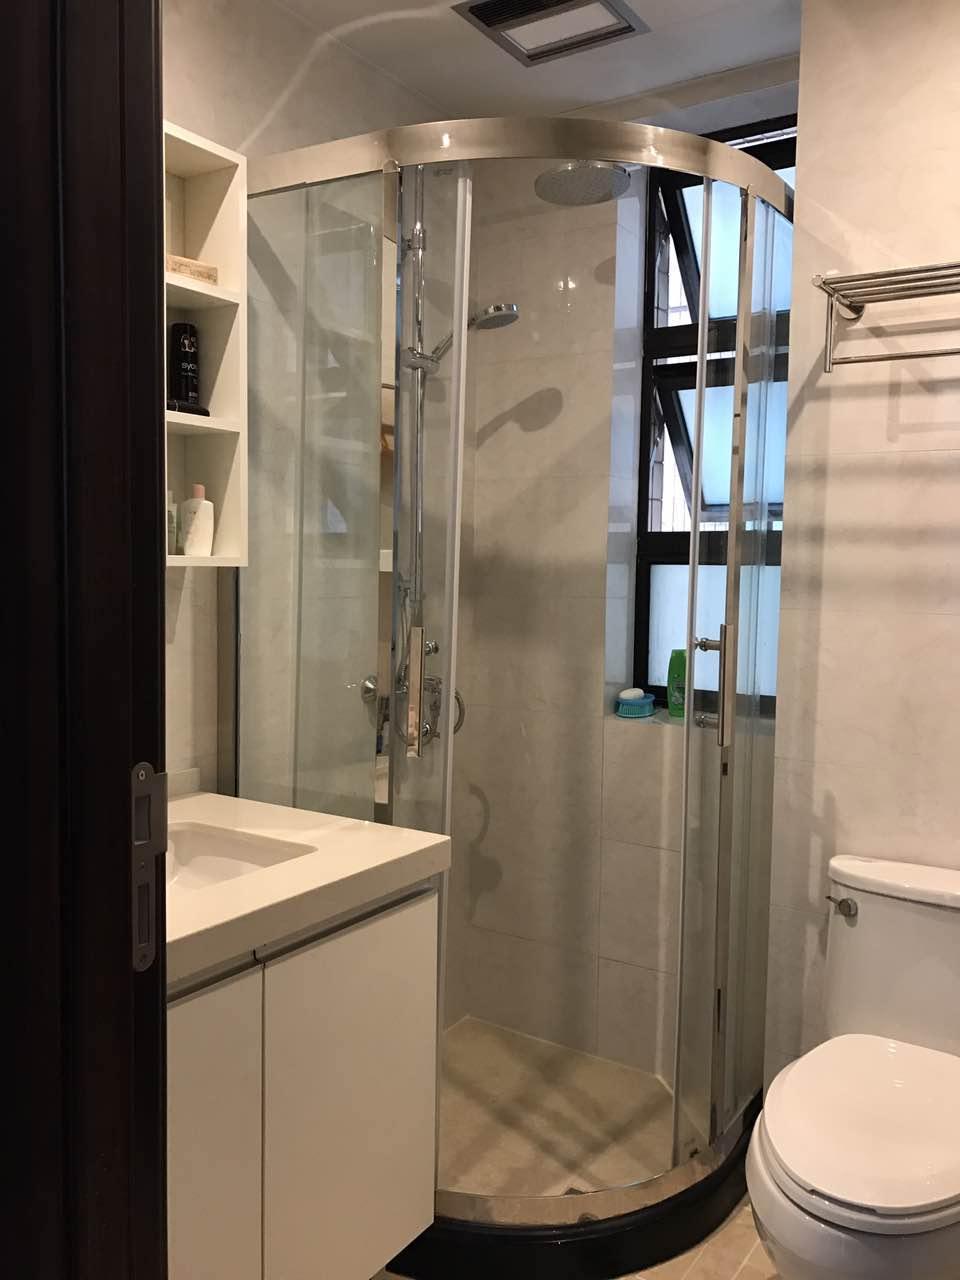 除了选用爱空间标配的卫生间外,业主自己定制了淋浴房,进行了干湿分离并且美观。